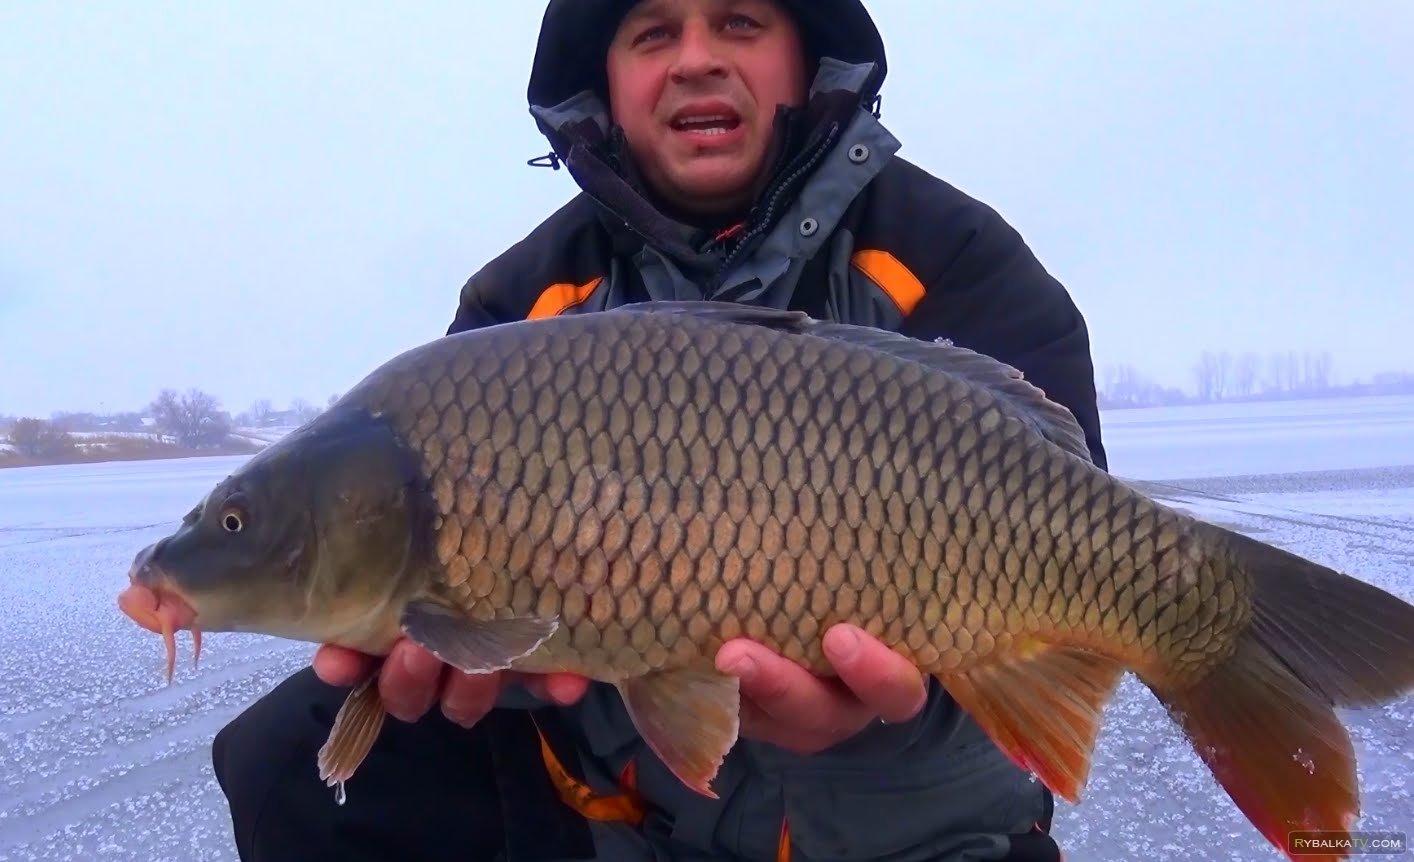 Клуб рыбаков. Рыбалка зимой. Ловля огромных карпов со льда